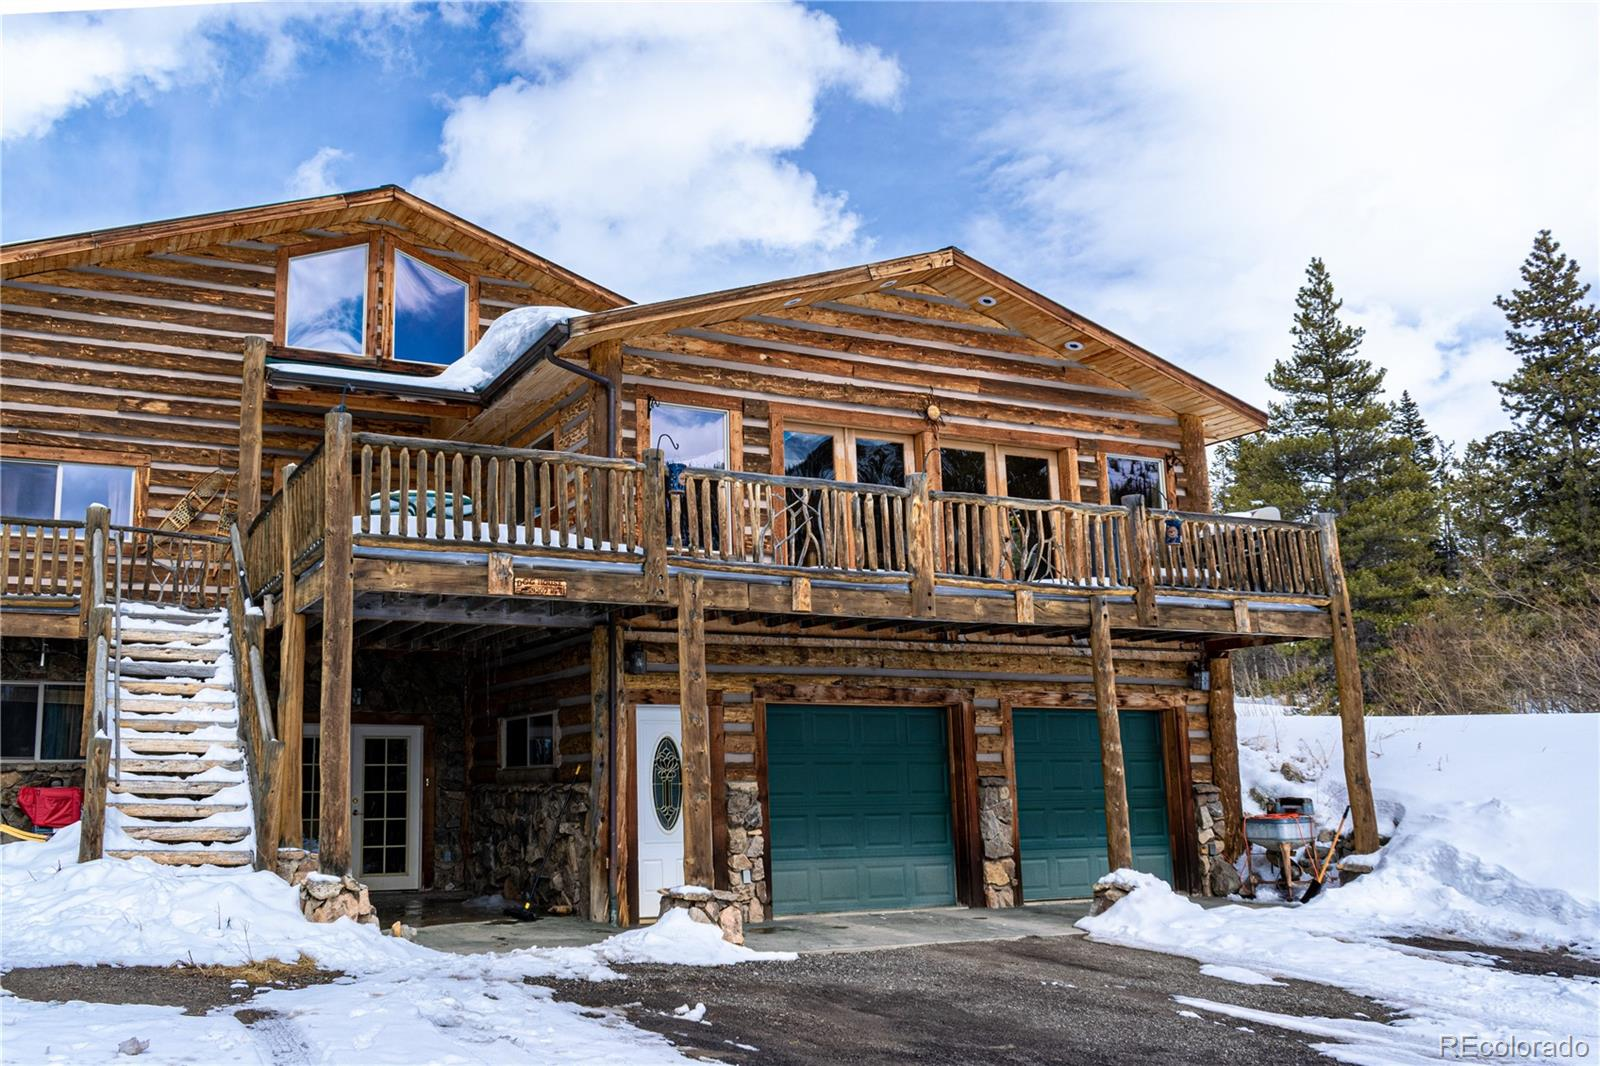 4207 Highway 91, Leadville, CO 80461 - Leadville, CO real estate listing